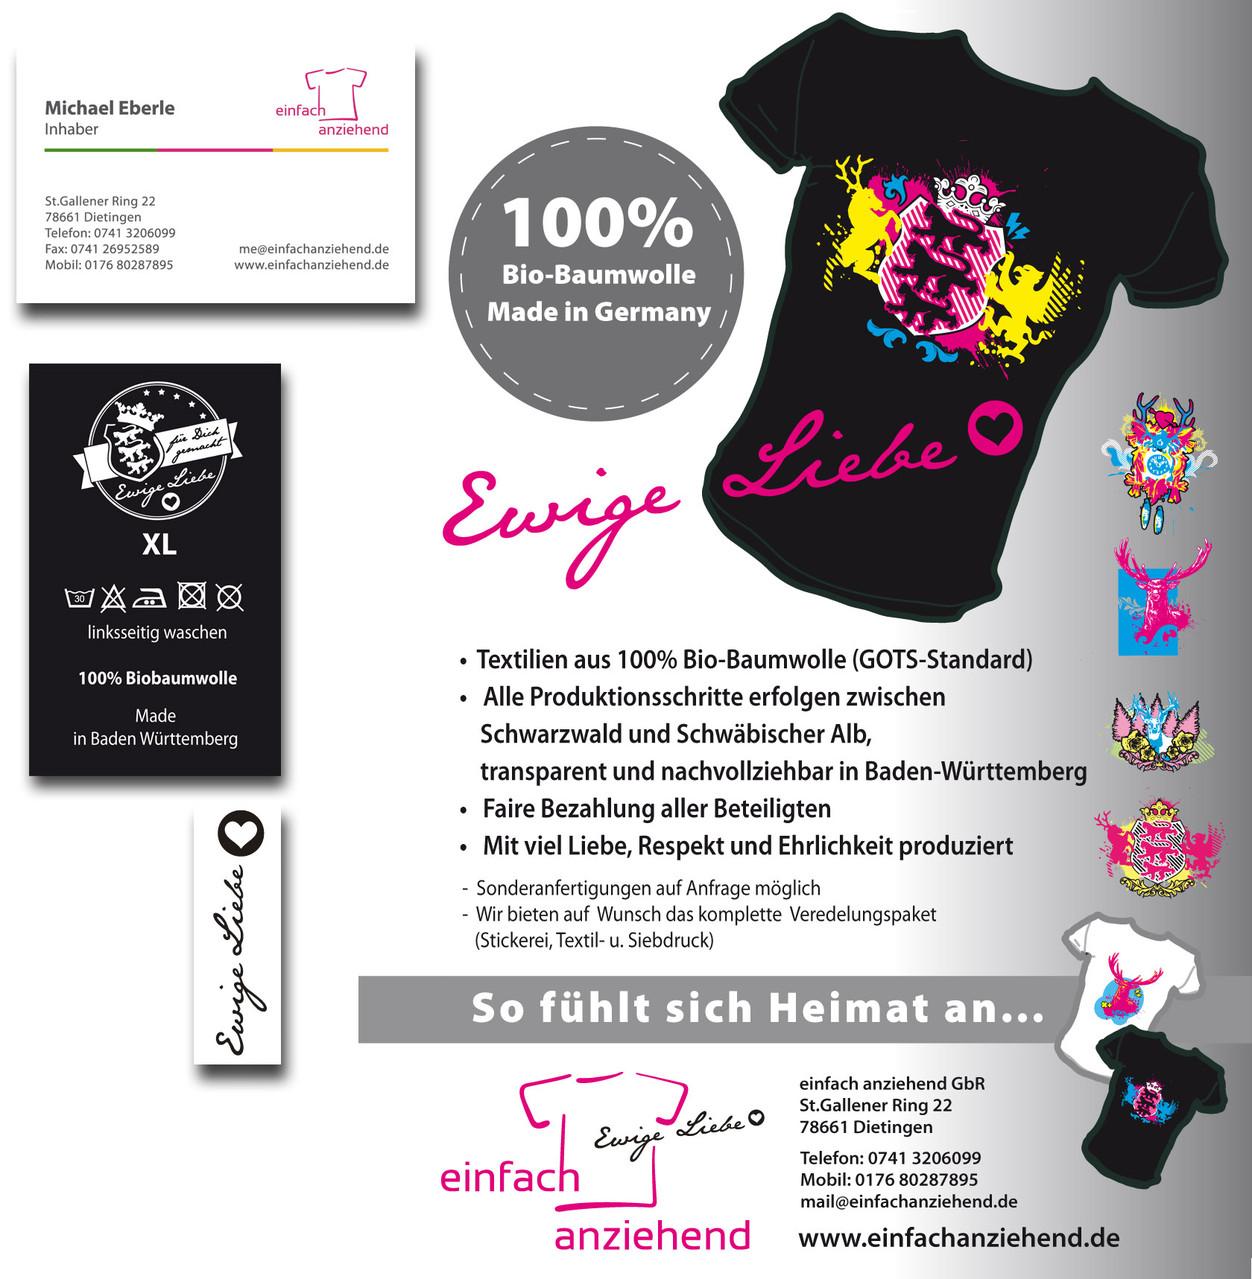 Einfach Anziehend (Eigenmarke Ewige Liebe): Mailing, Visitenkarten, T-Shirt-lables. etc.